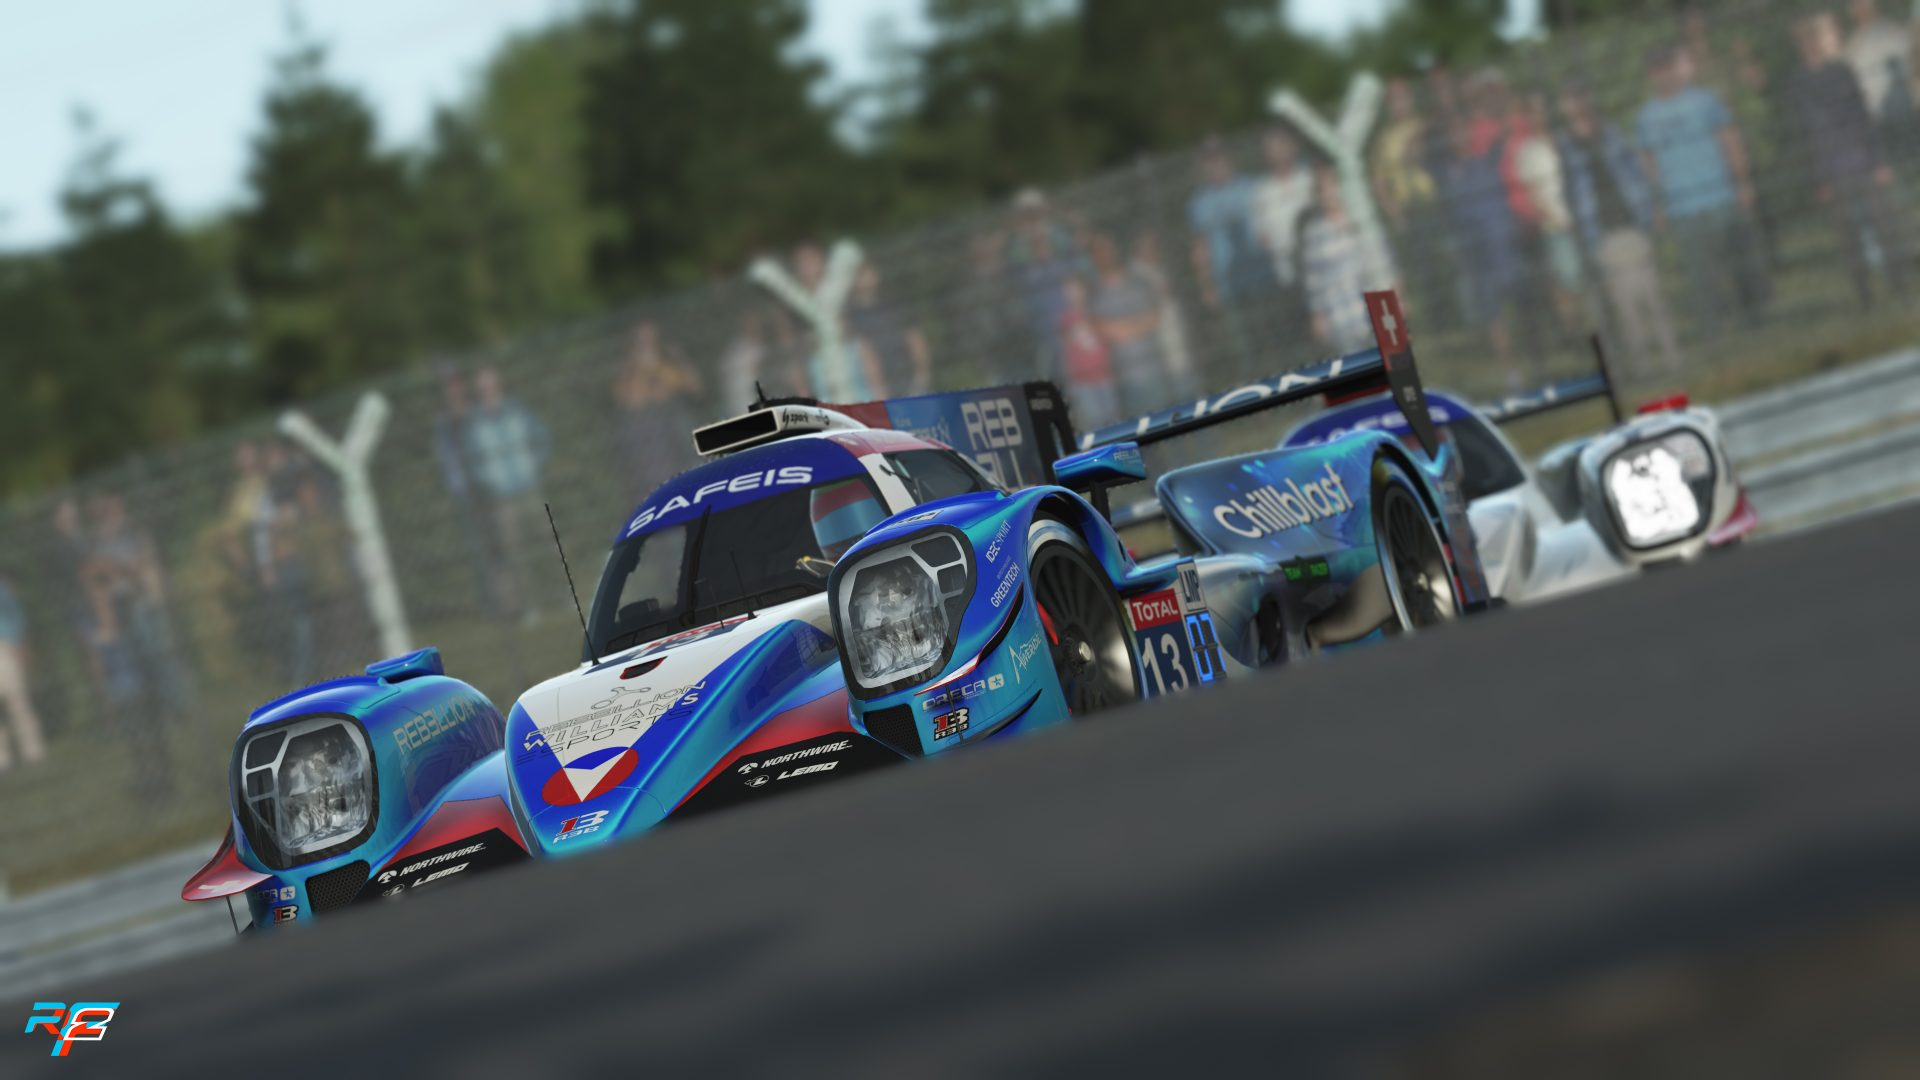 2020_Le_Mans_Virtual_05-1920x1080.jpg